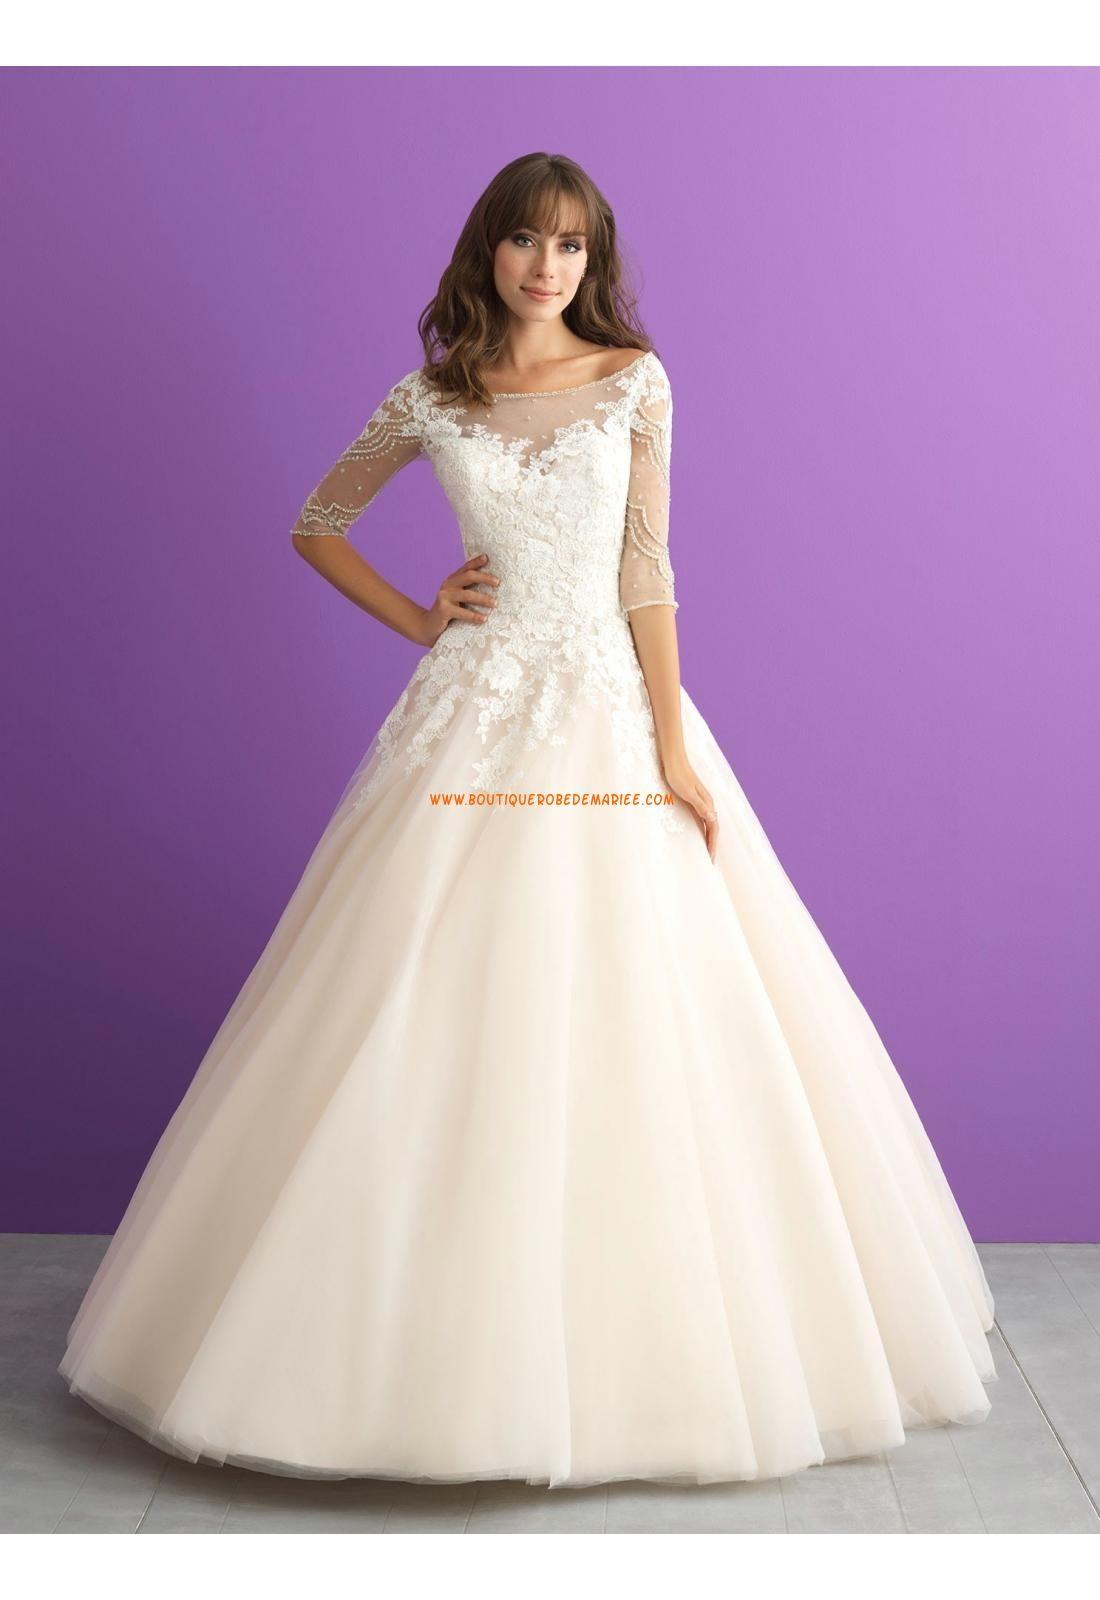 Anticuado Vestido De Novia De La Princesa Belle Ideas Ornamento ...